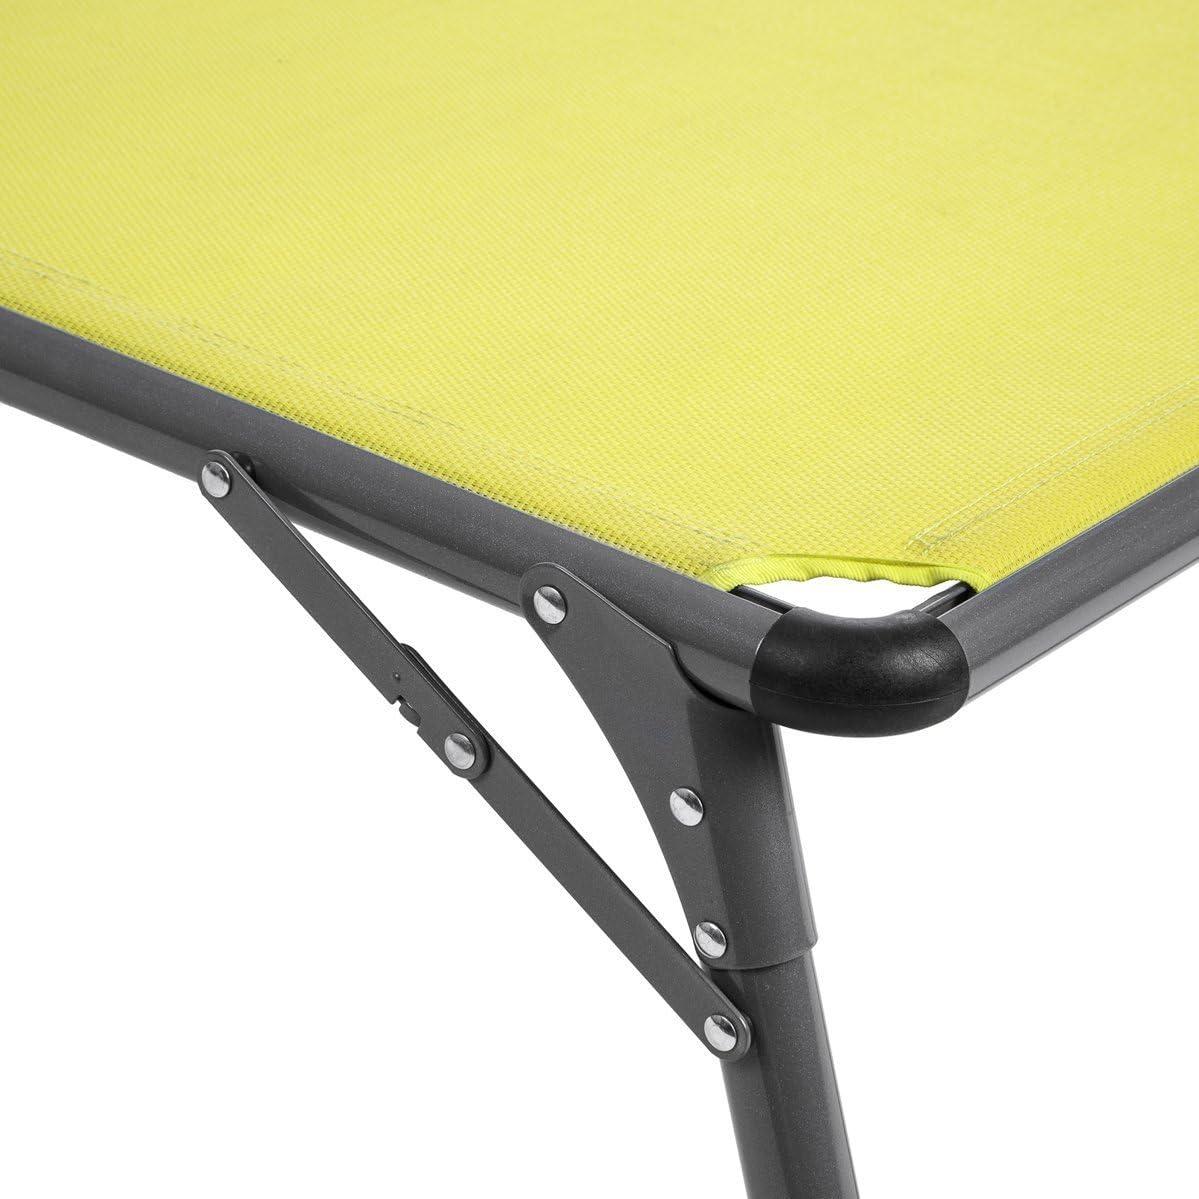 Baltico Aluminium Sonnenliege mit Dach Gartenliege Dreinbeinliege Gelb//Grau klappbar verstellbares R/ückenteil 193 x 67 x 32 cm